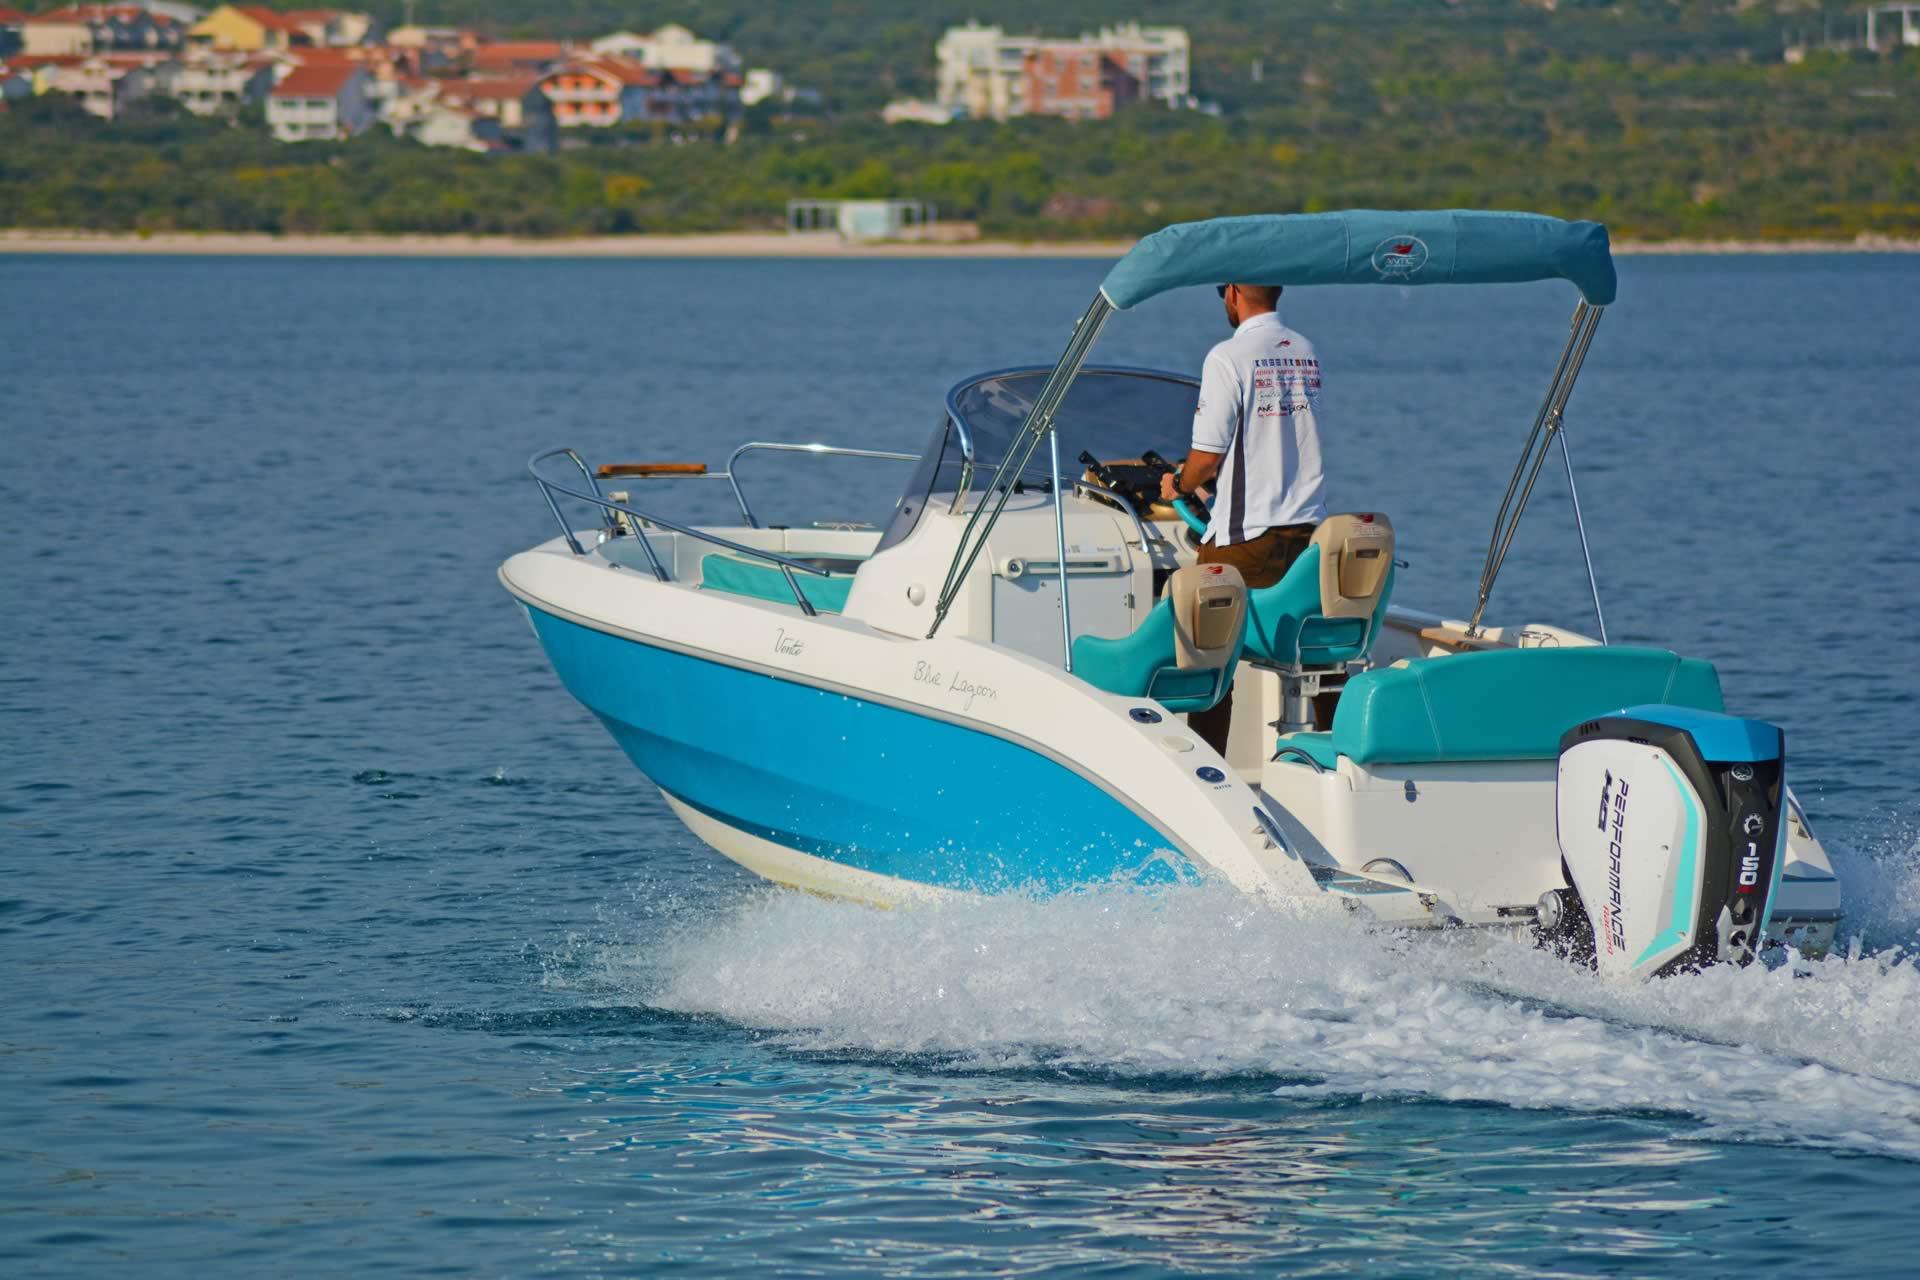 Bootsurlaub Kroatien Sessa Keylargo